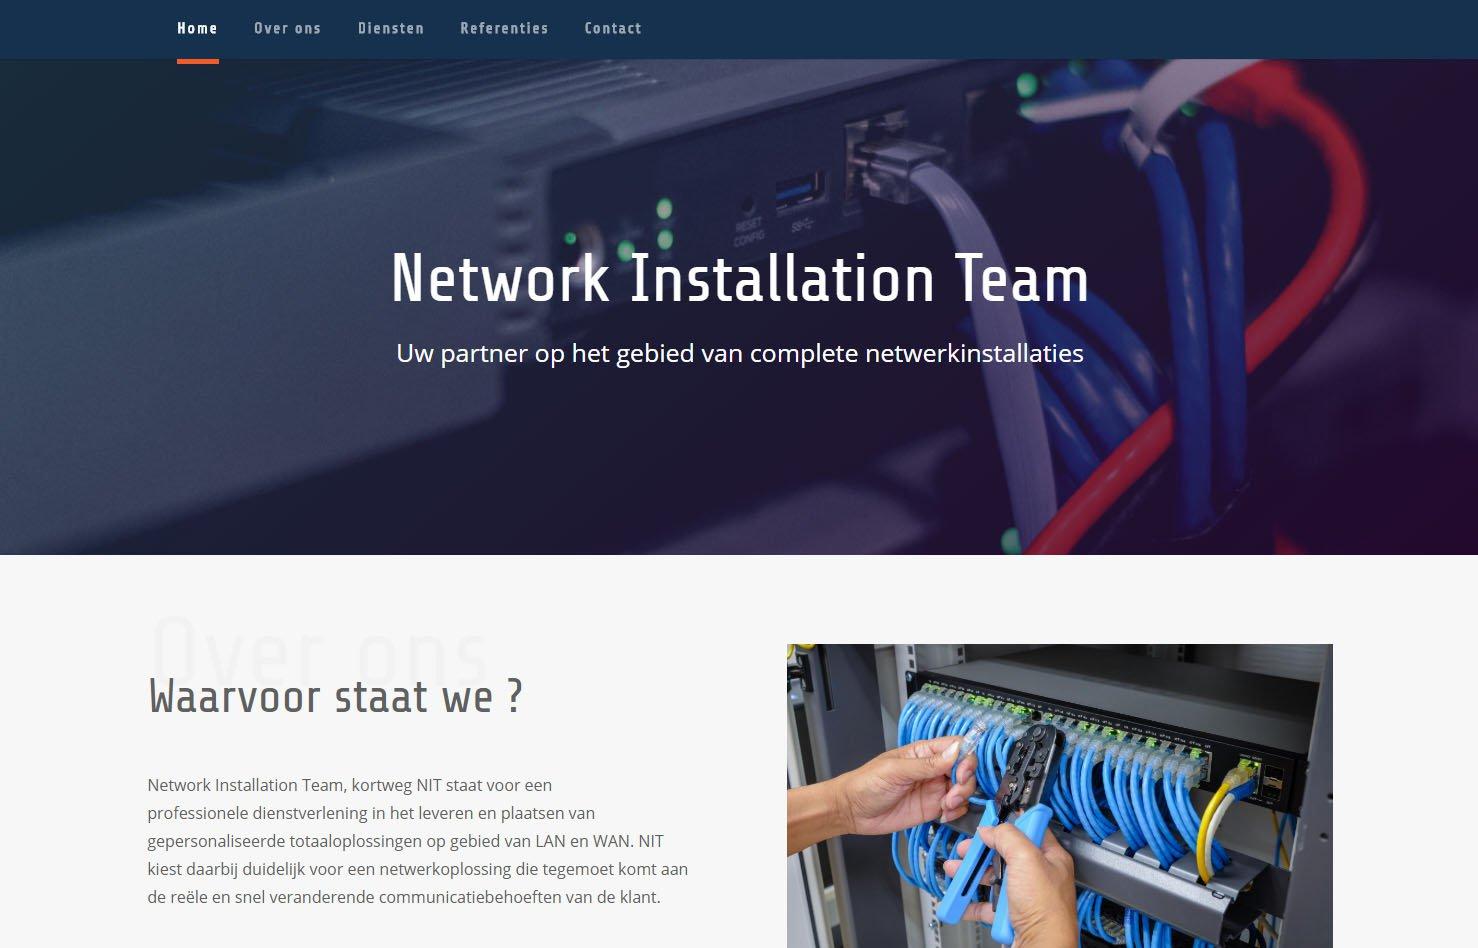 Network Installation Team